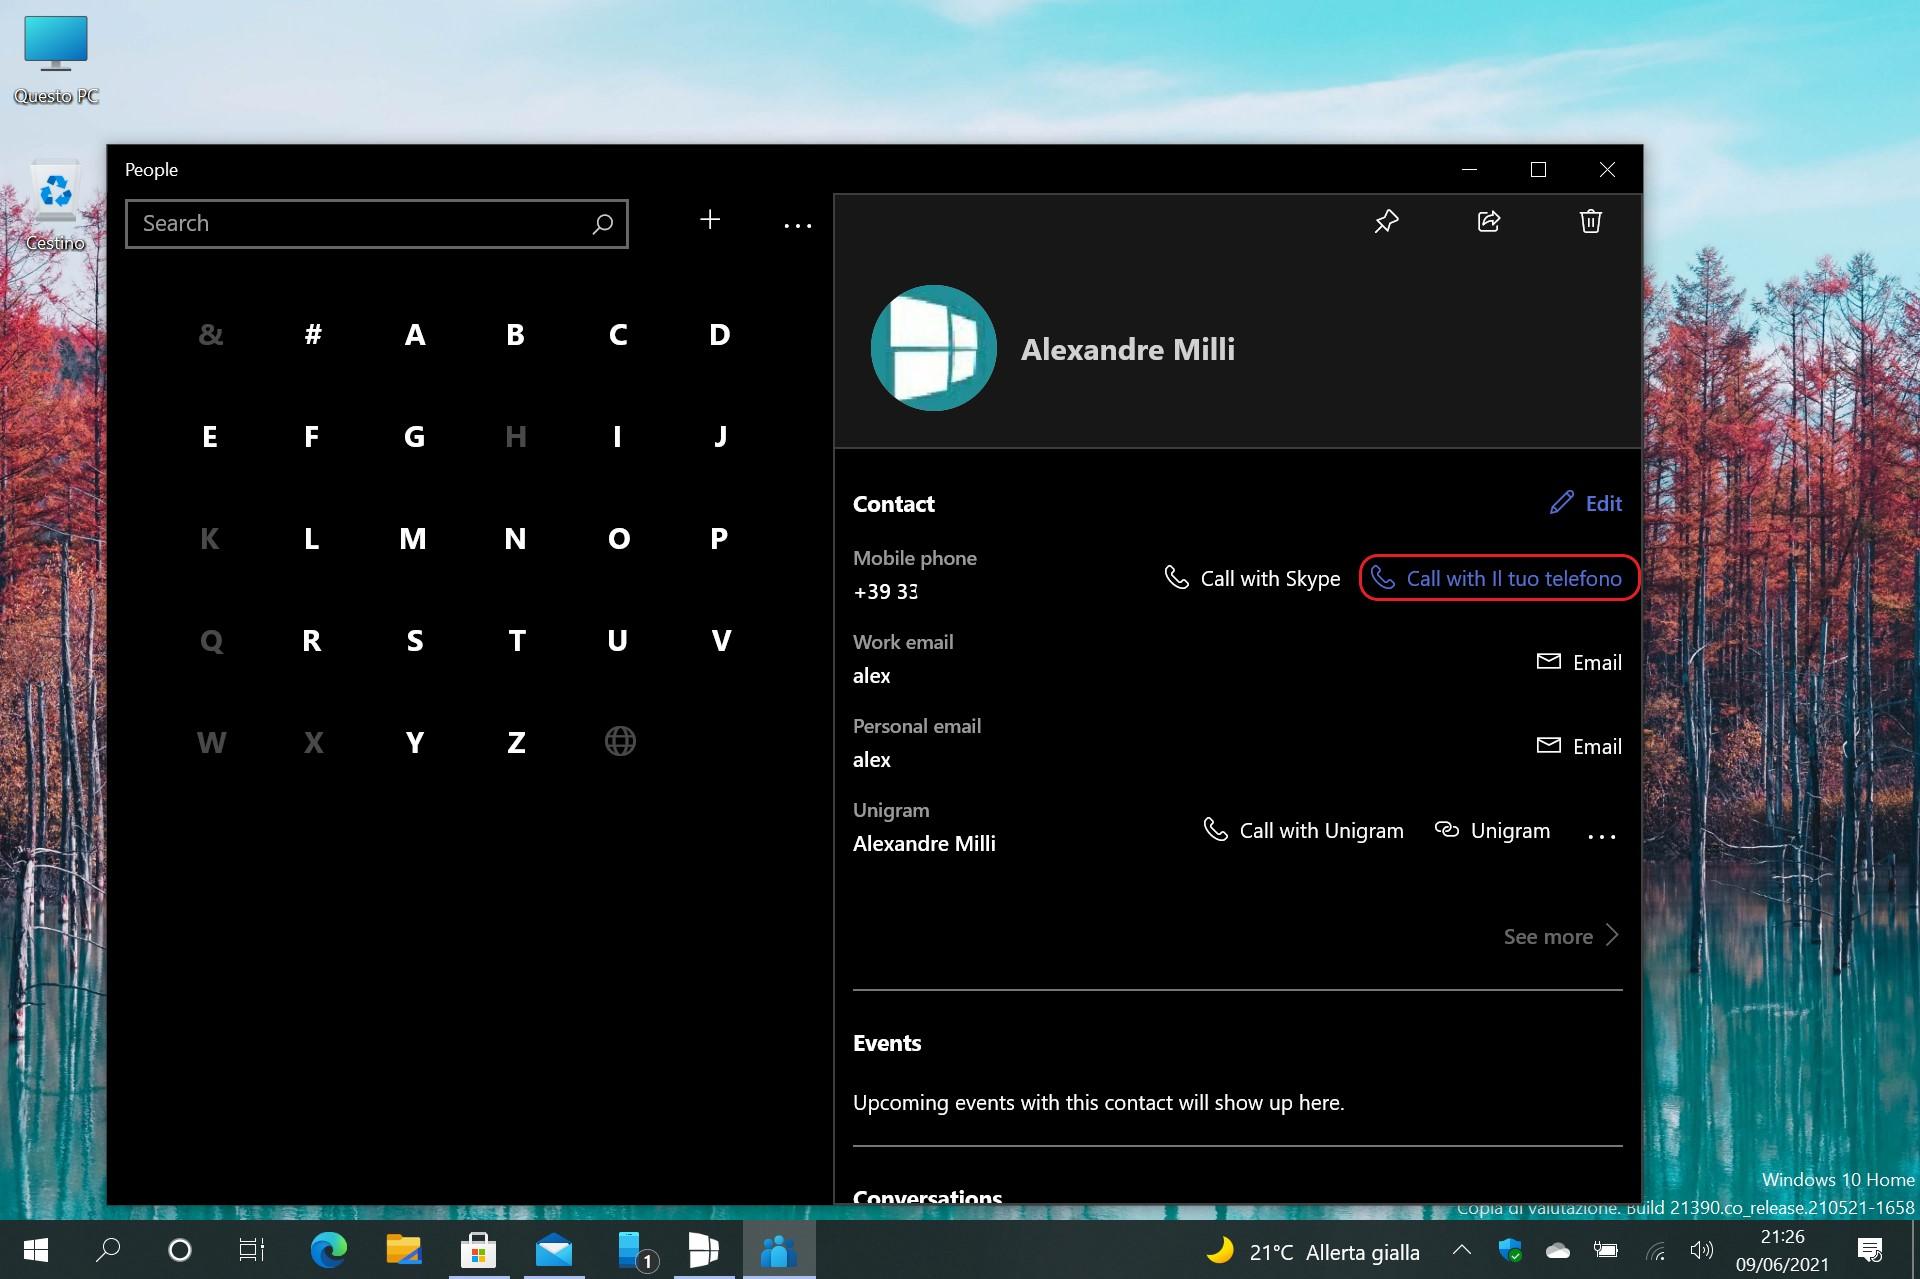 Contatti Microsoft per Windows - Chiama con Il tuo telefono